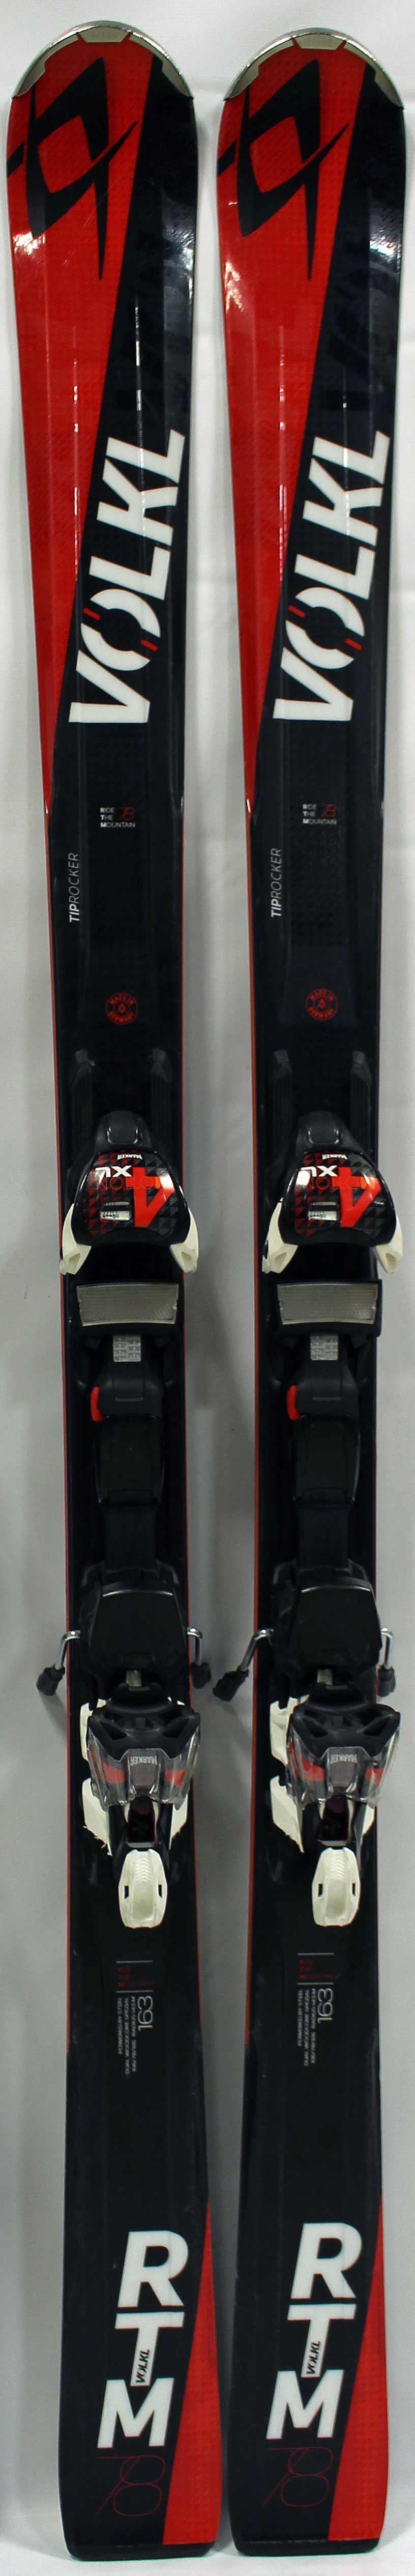 2016 Volkl Rtm 78 Used Demo 163cm Skis And Bindings On